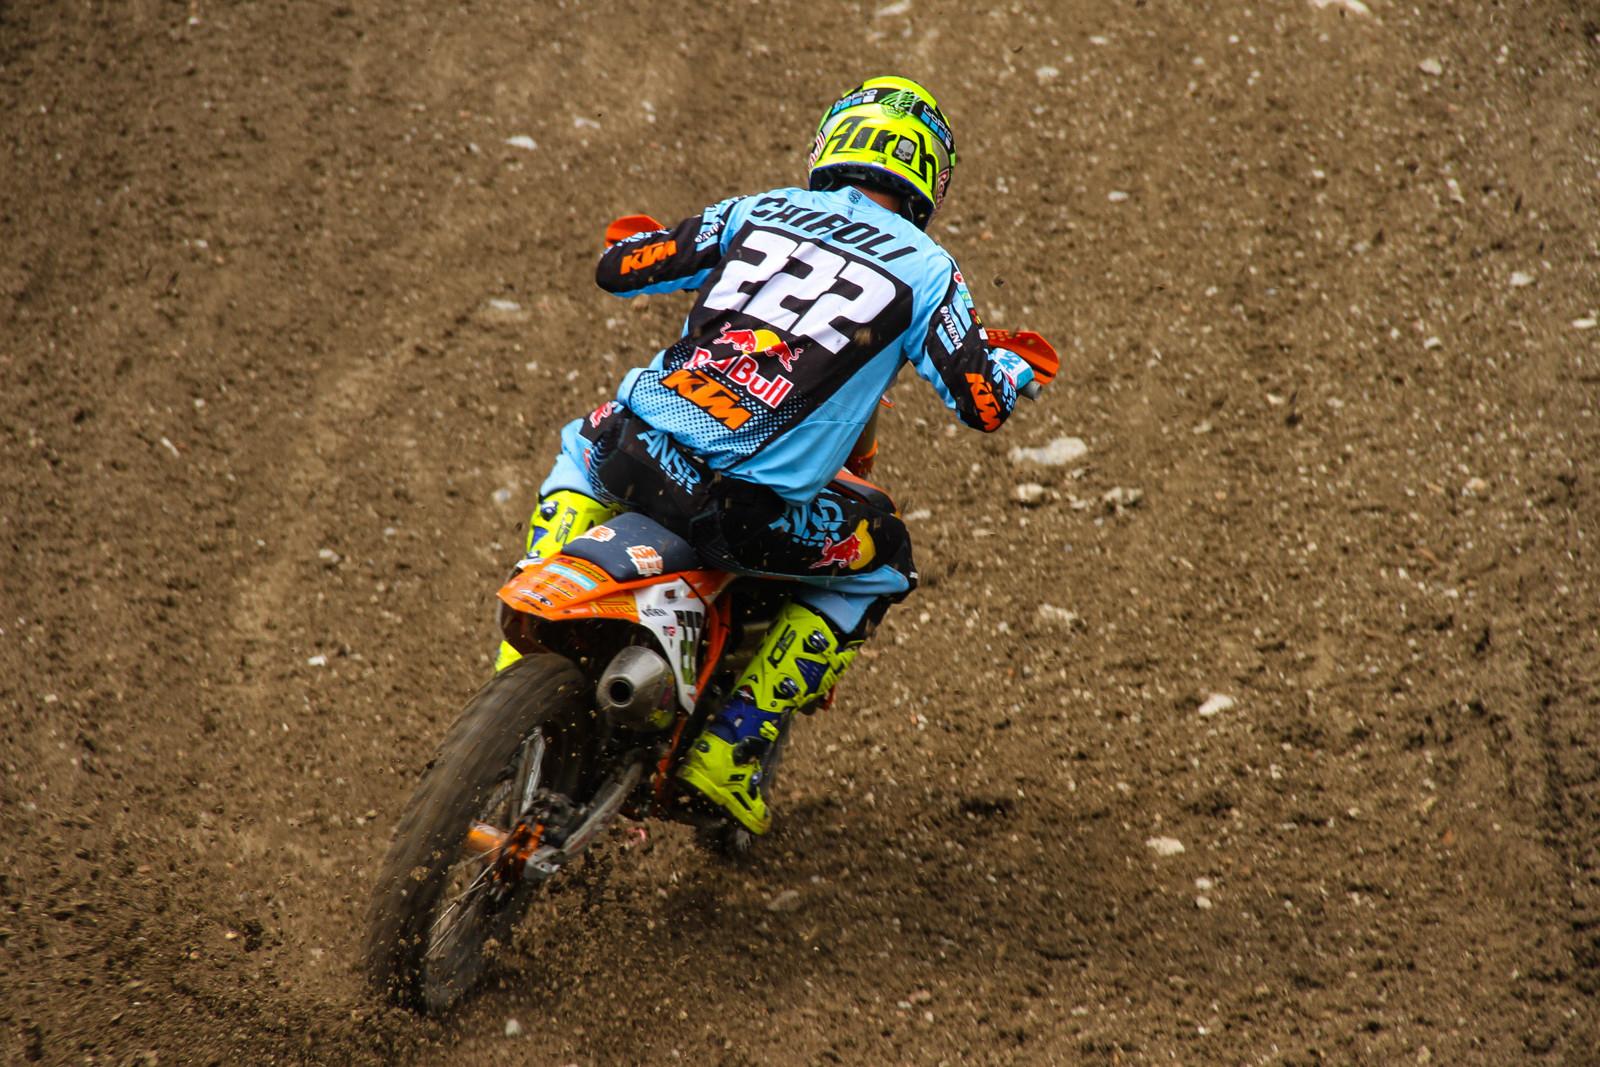 Antonio Cairoli - Photo Blast: 2017 MXGP of Trentino - Motocross Pictures - Vital MX